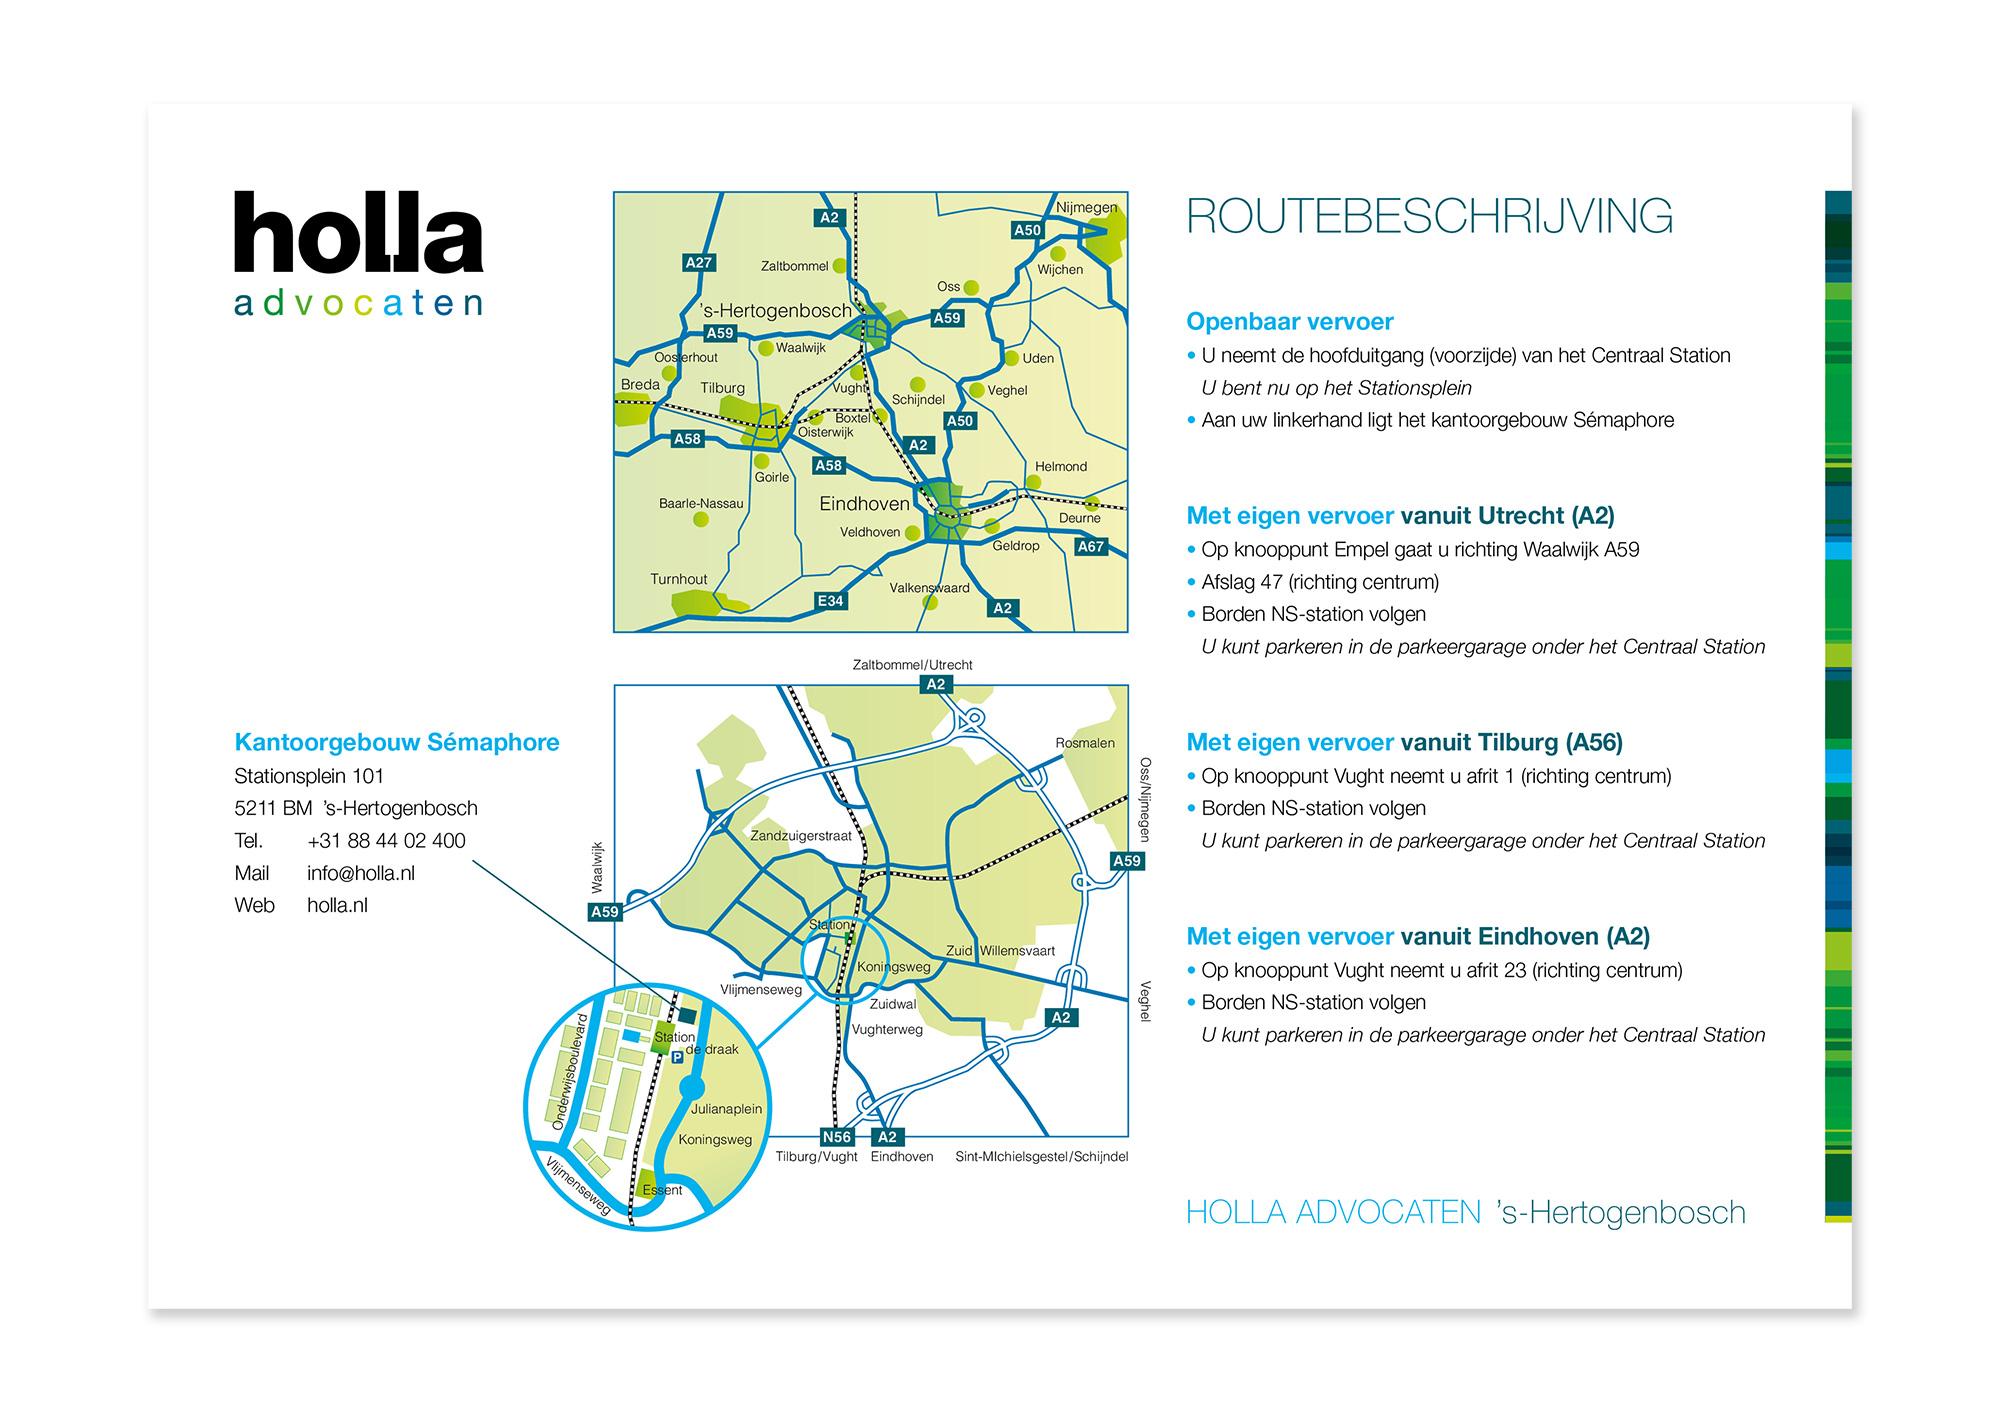 Routebeschrijving-Holla_Den-Bosch